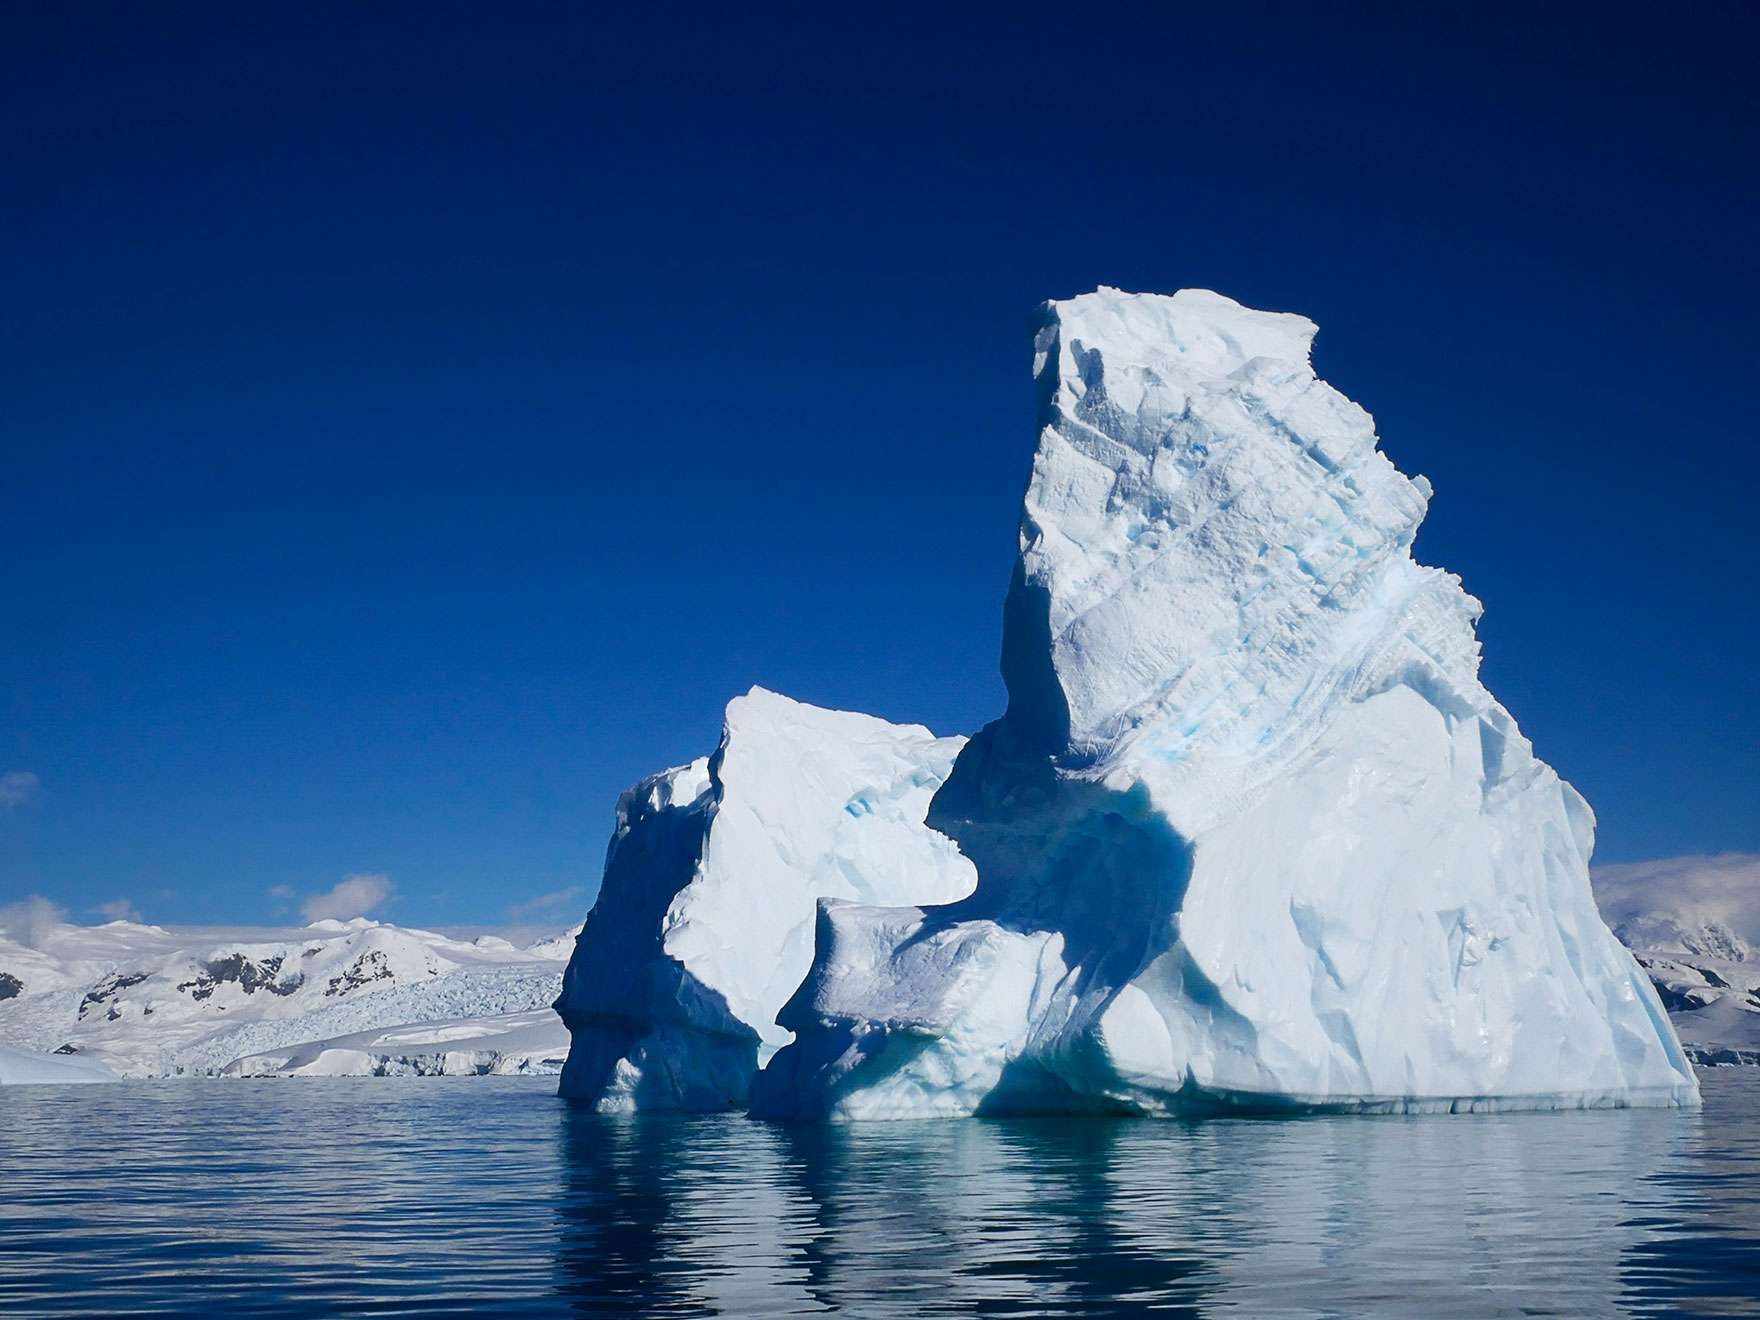 georgie-friedman-foyn-iceberg-1-10in-with-boarder_4x3